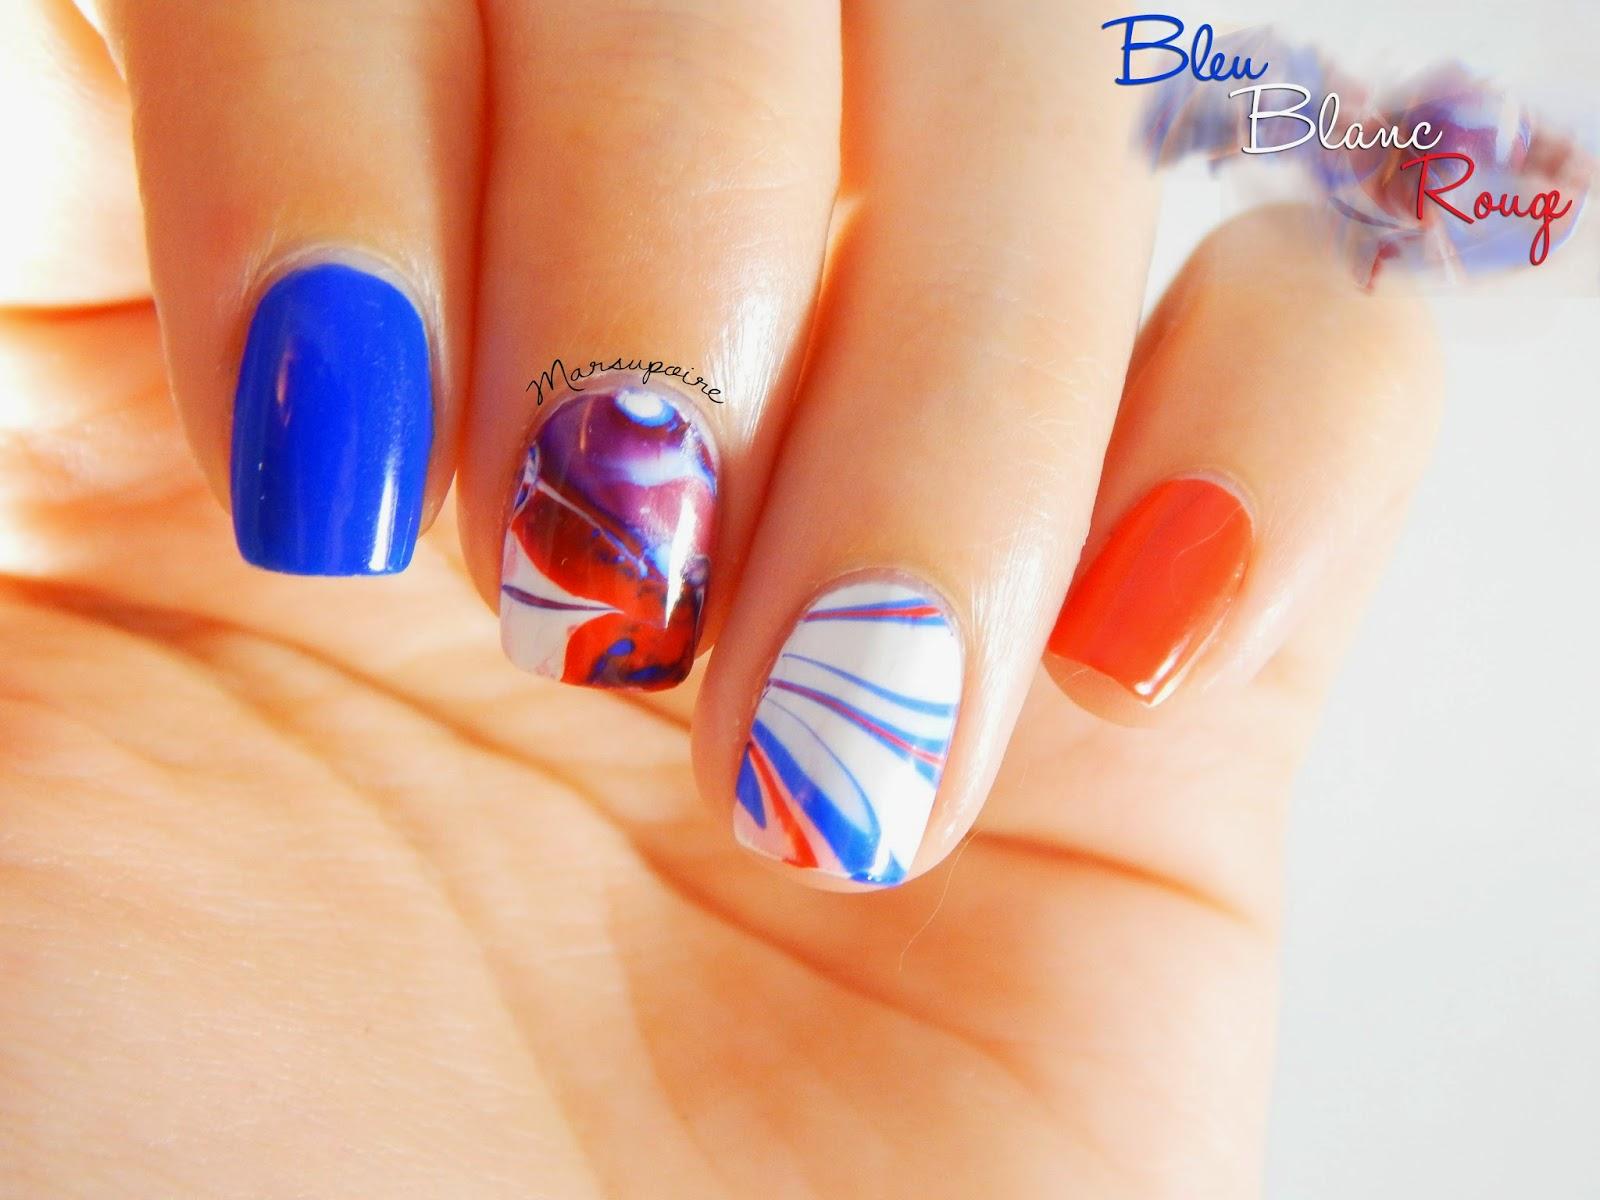 Nail art Watermarble bleu blanc rouge 4